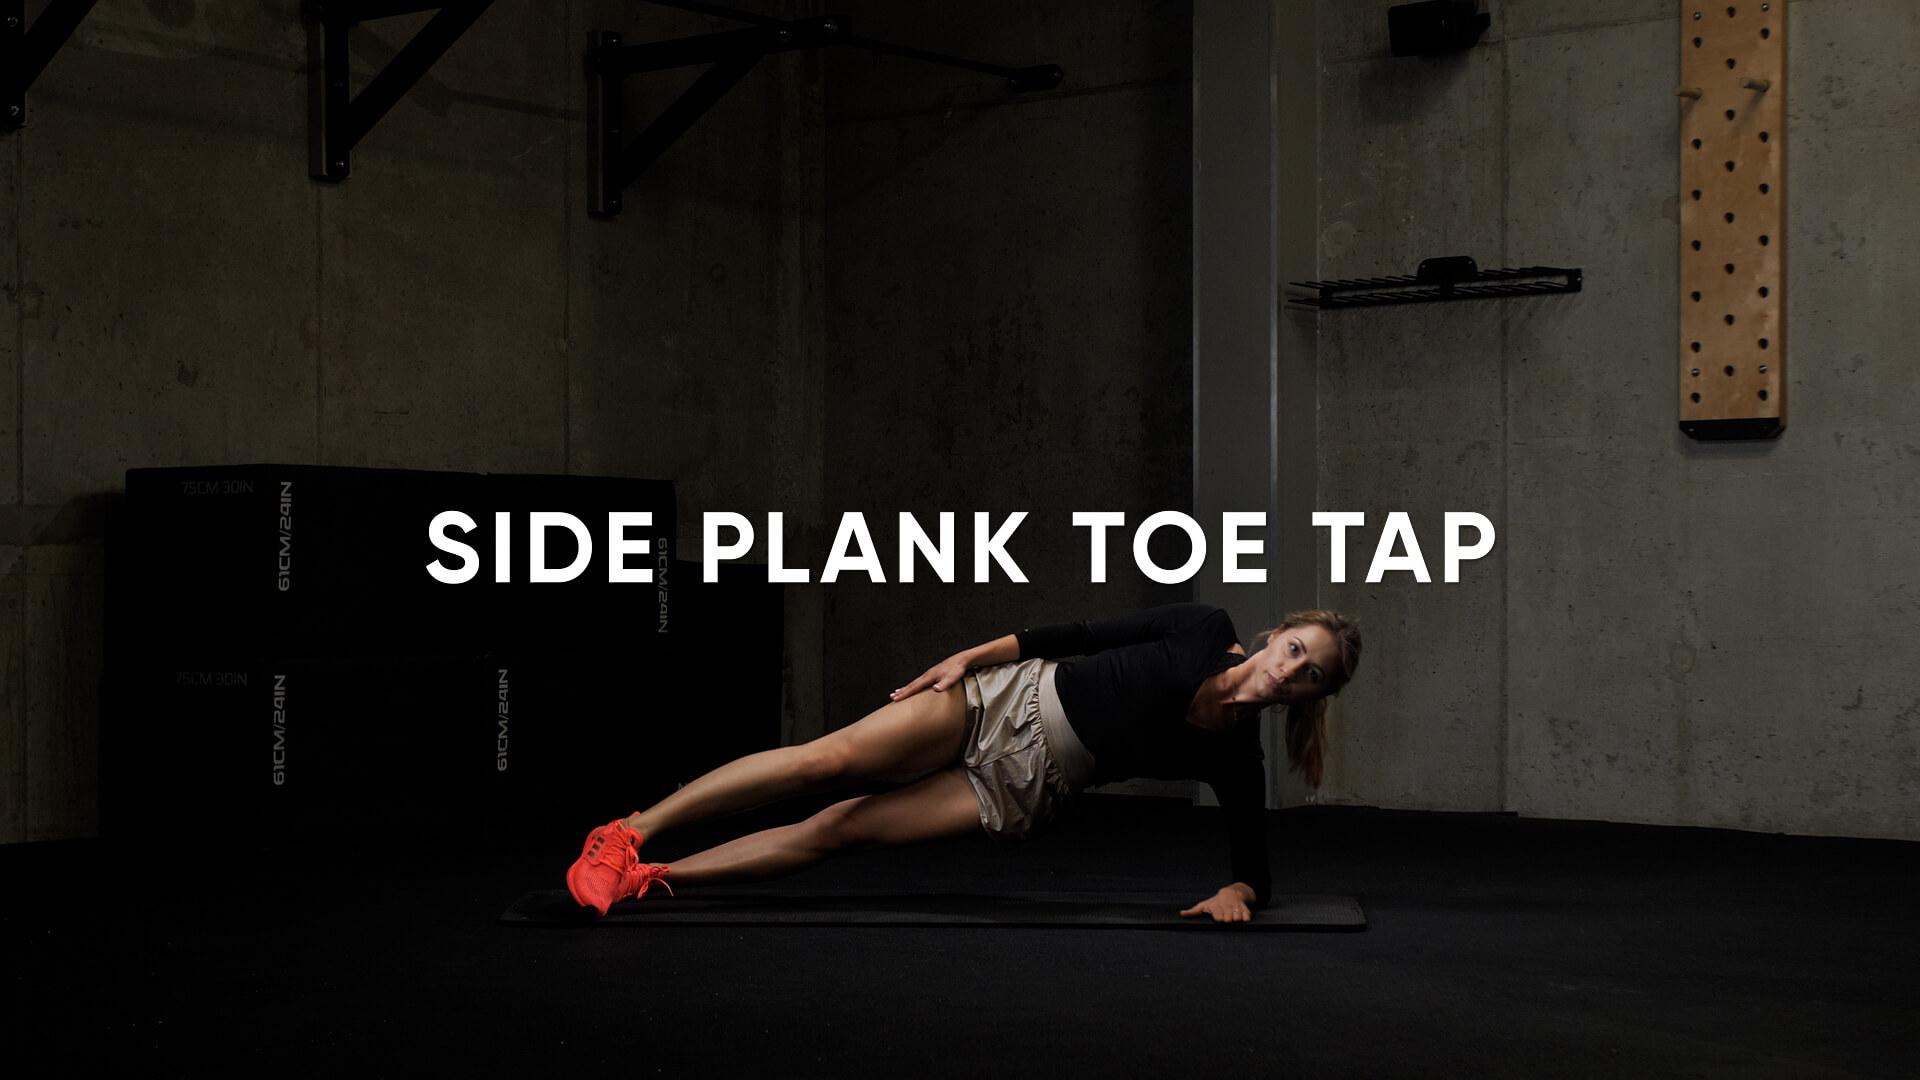 Side Plank Toe Tap